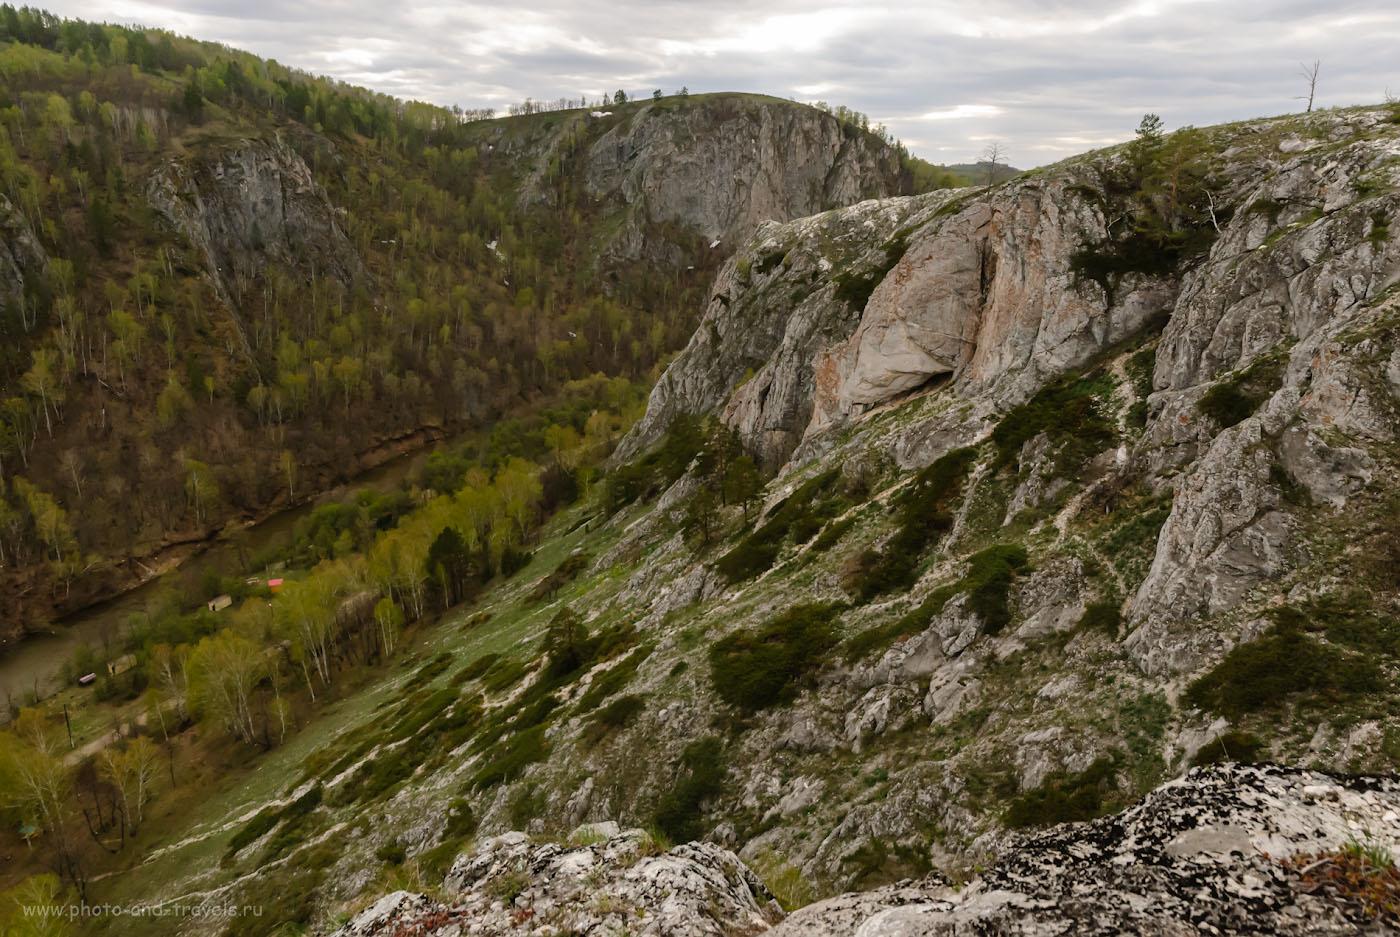 Фото 18. Отдохнуть в Башкирии, исследовав Мурадымовское ущелье. 1/500, -2.0, 8.0, 500, 14.